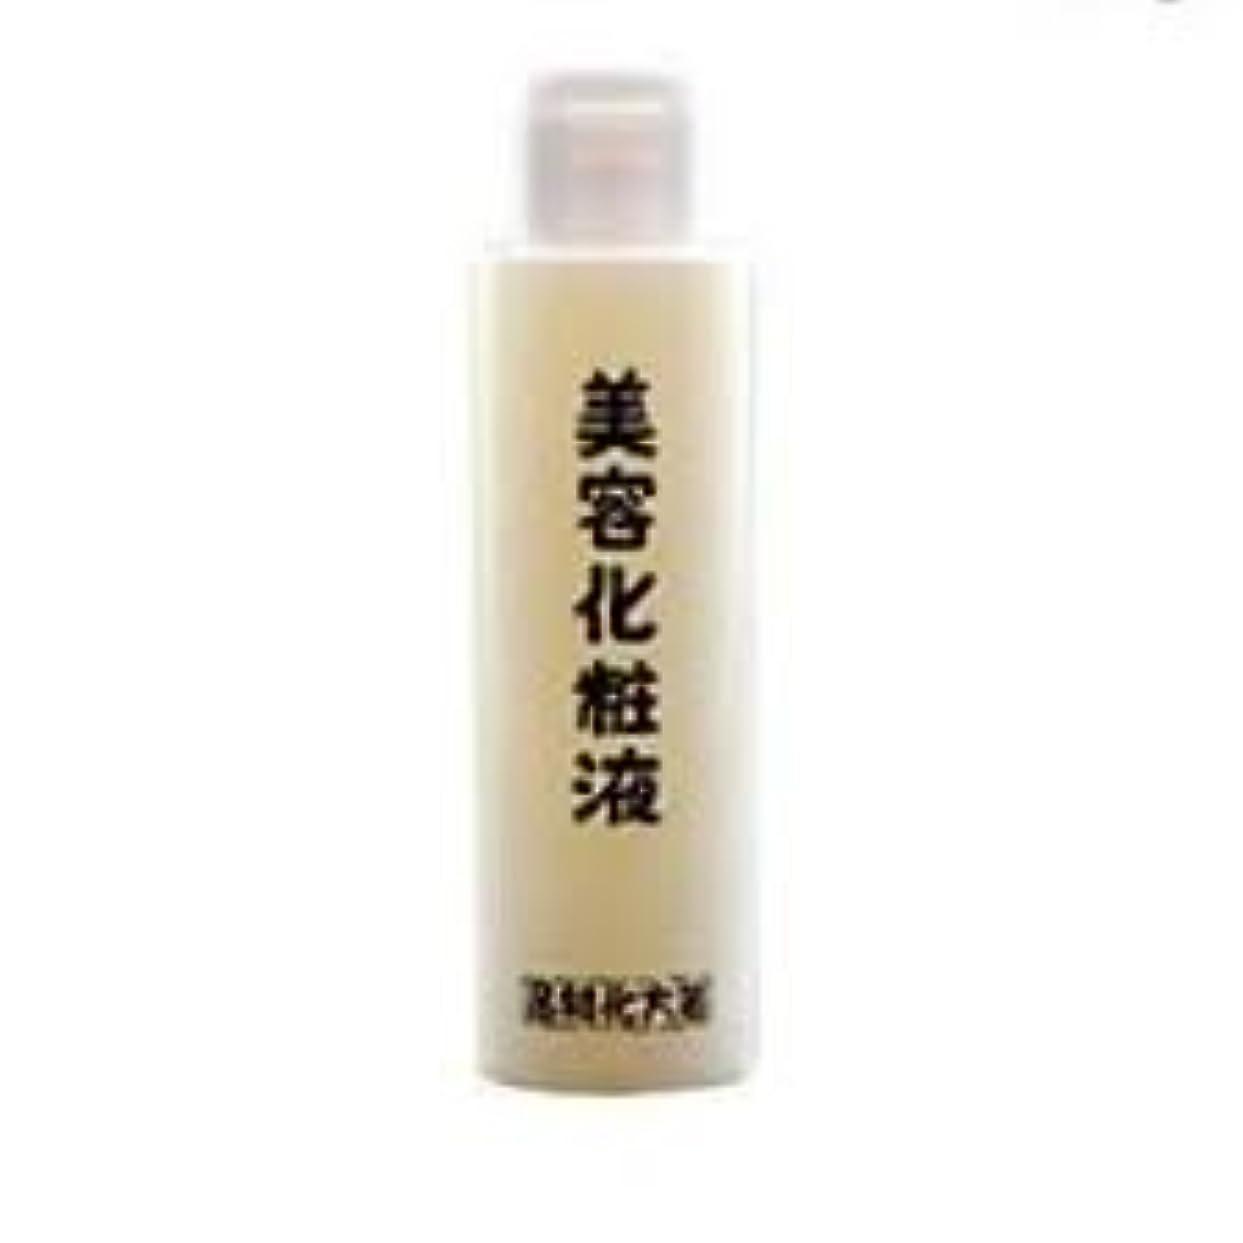 誤解するドナウ川設計図箸方化粧品 美容化粧液 化粧水 120ml はしかた化粧品